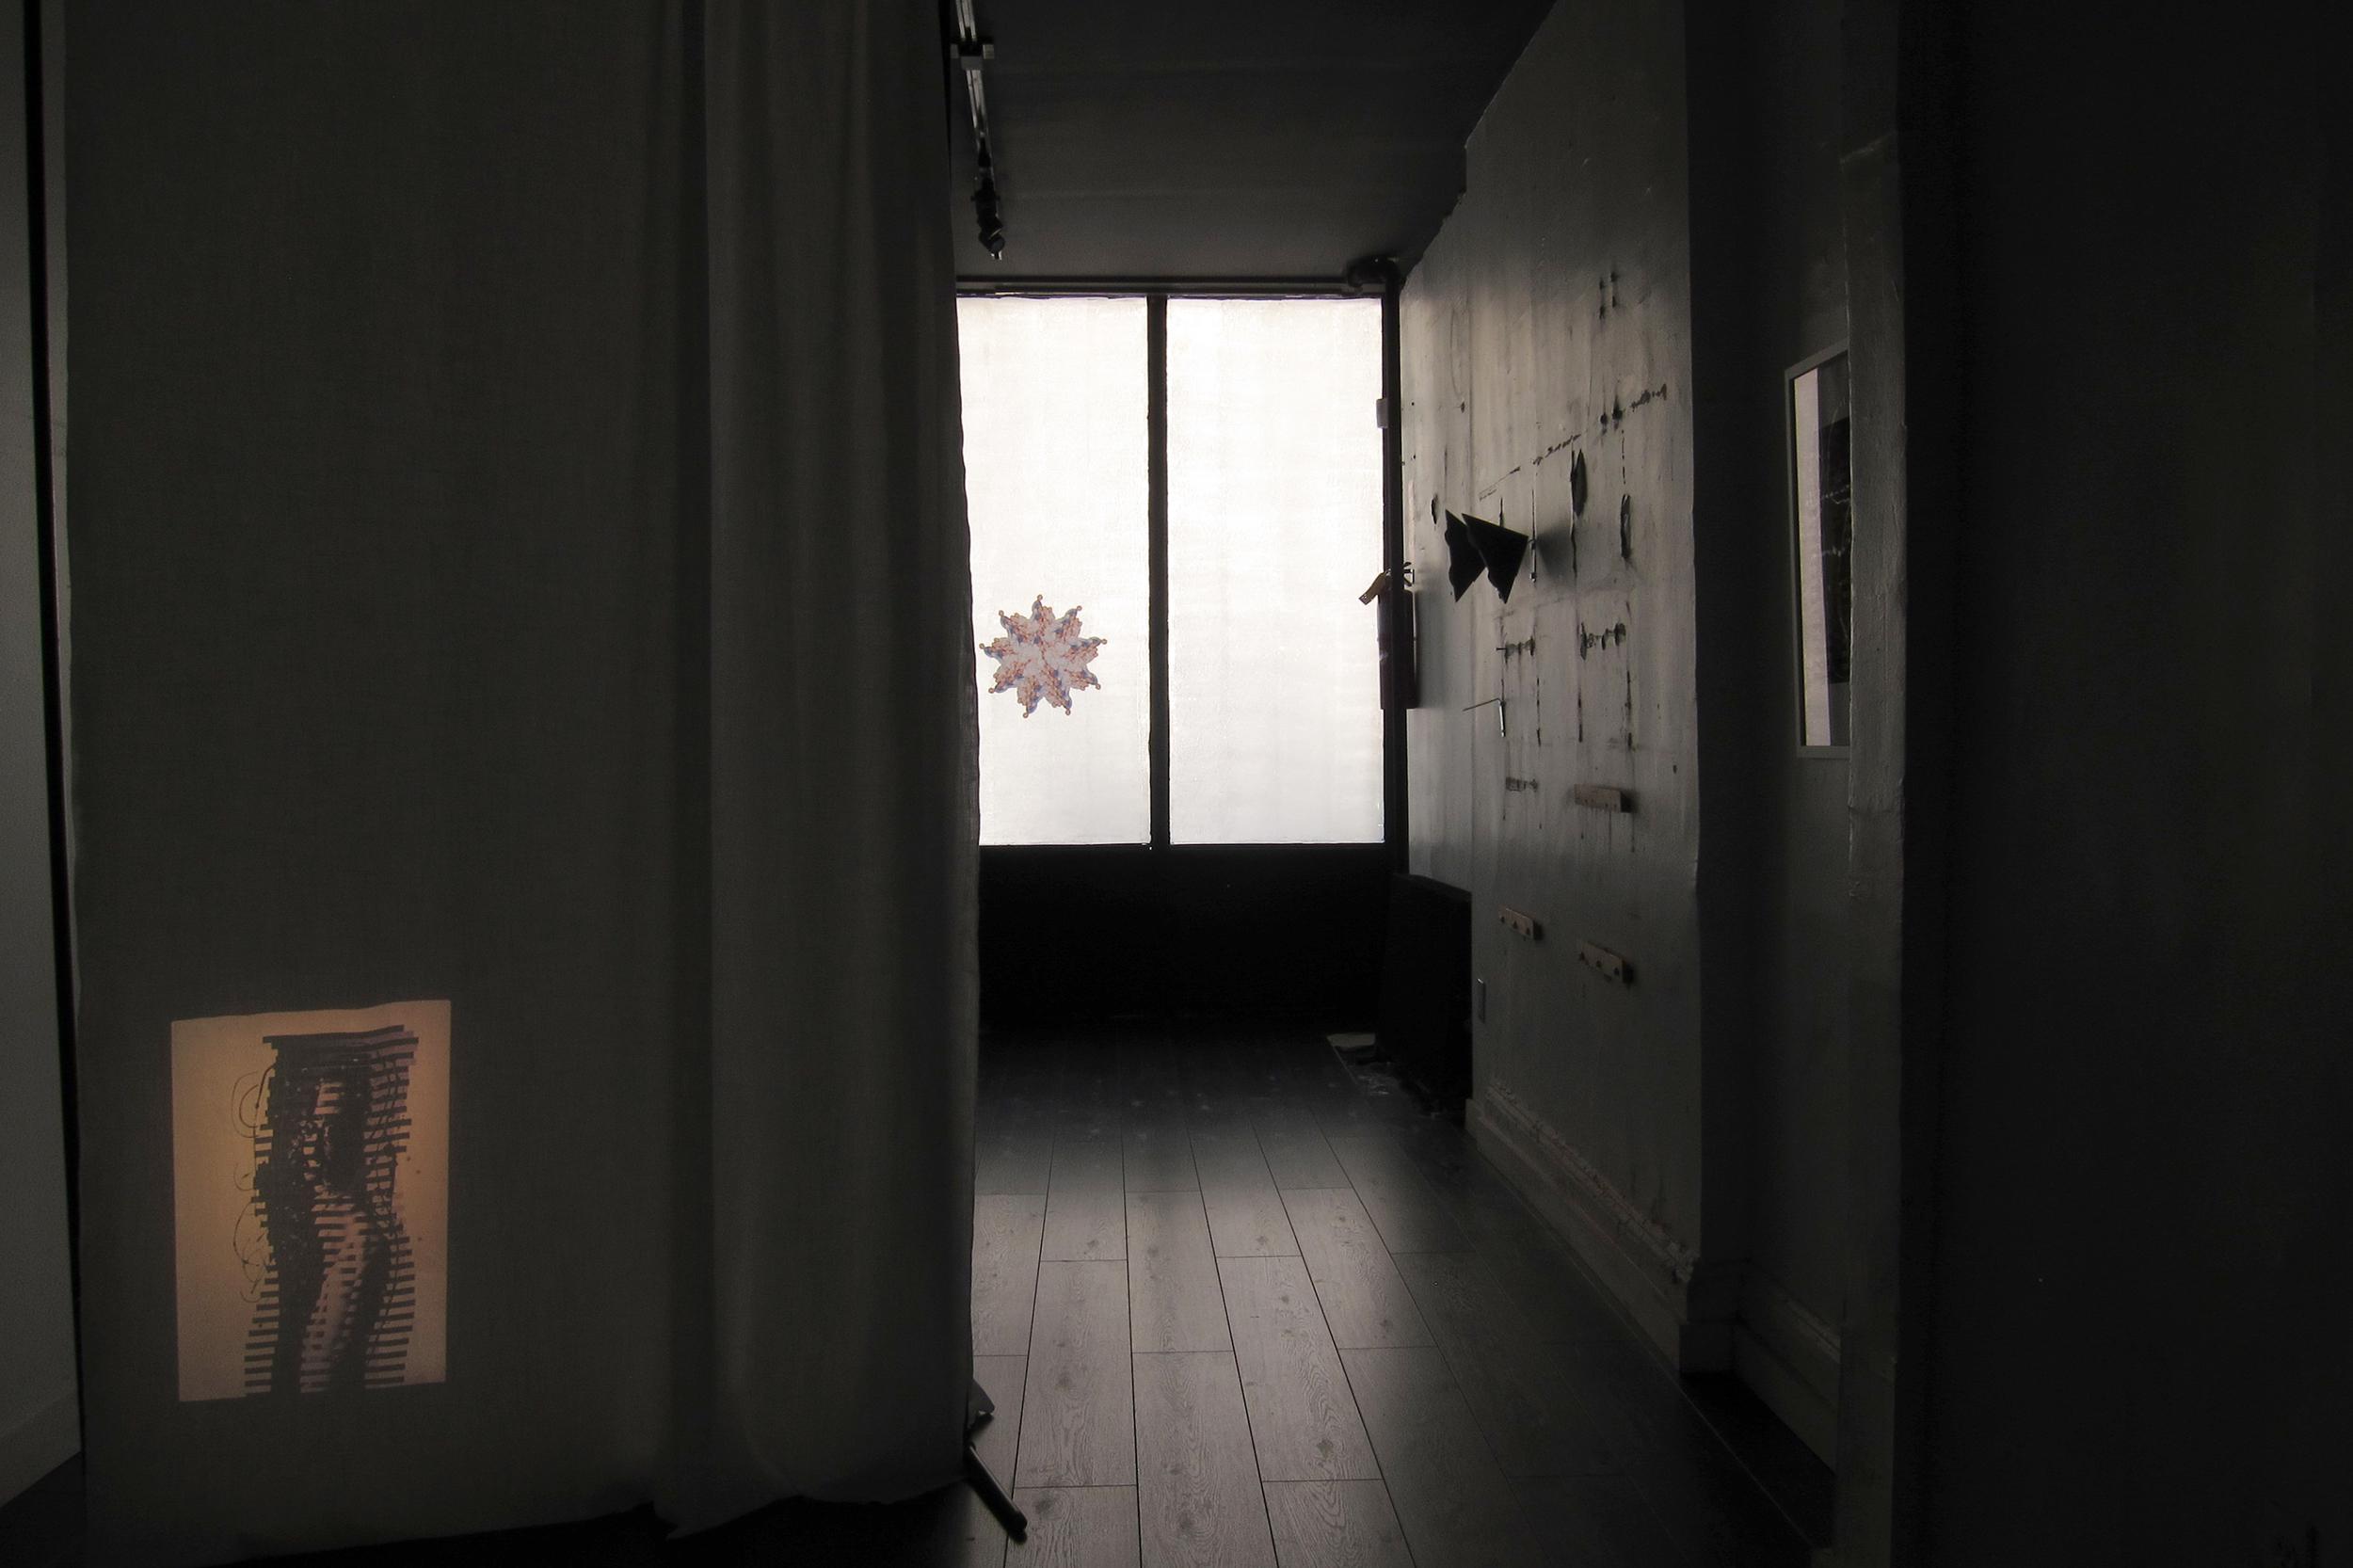 Starschnitt, Kai Matsumiya Gallery, Photo by Markues_11.jpg